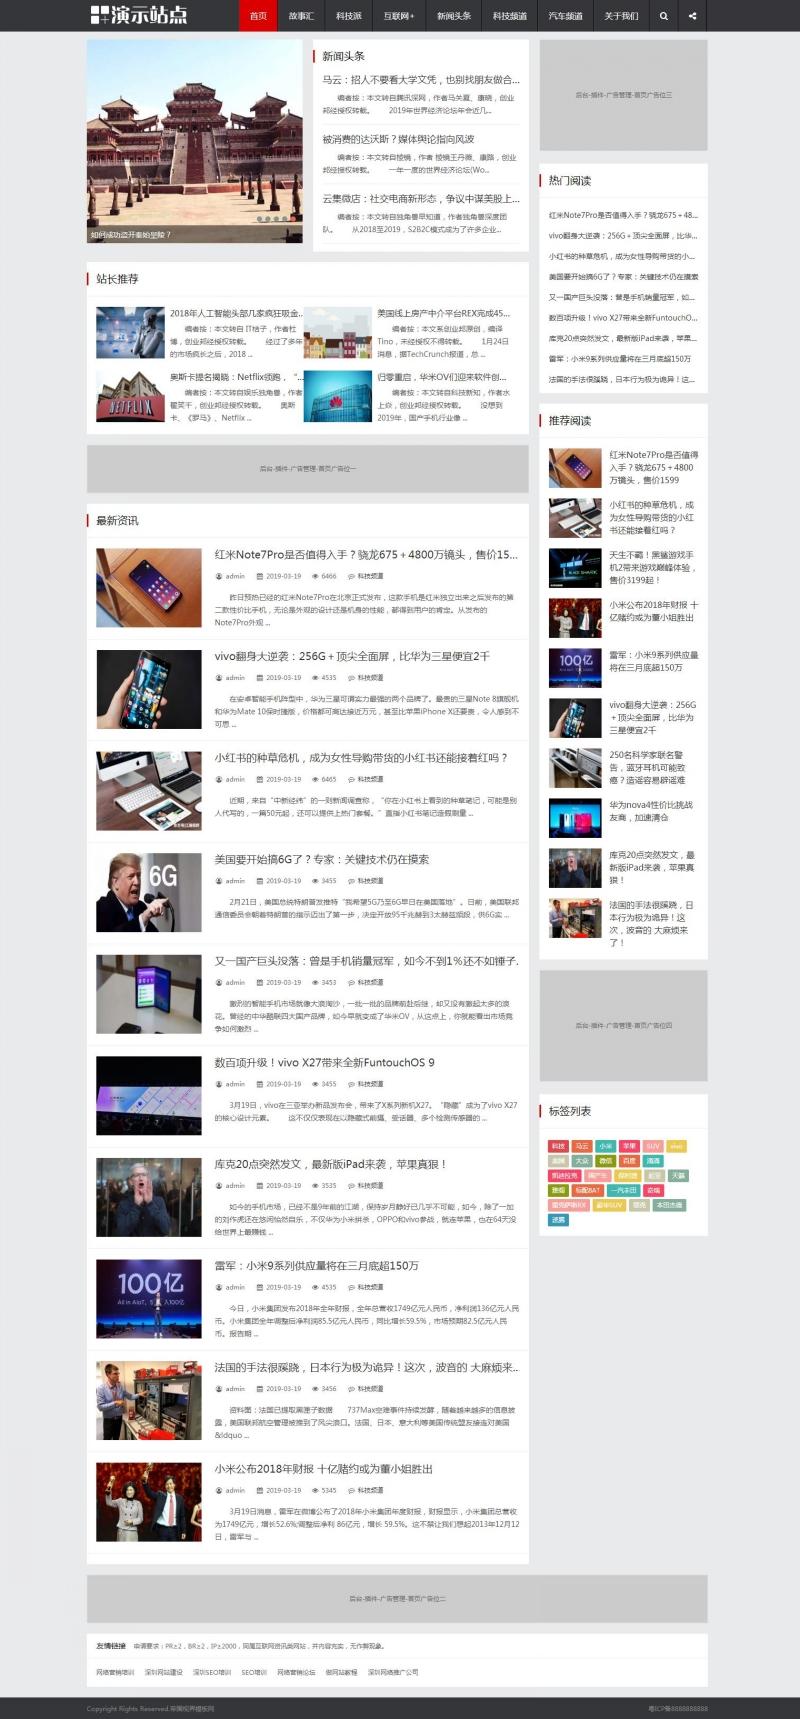 网站首页.jpg [DG-027]帝国cms大气新闻资讯个人博客网站模板黑色经典自适应手机 博客文章 第1张